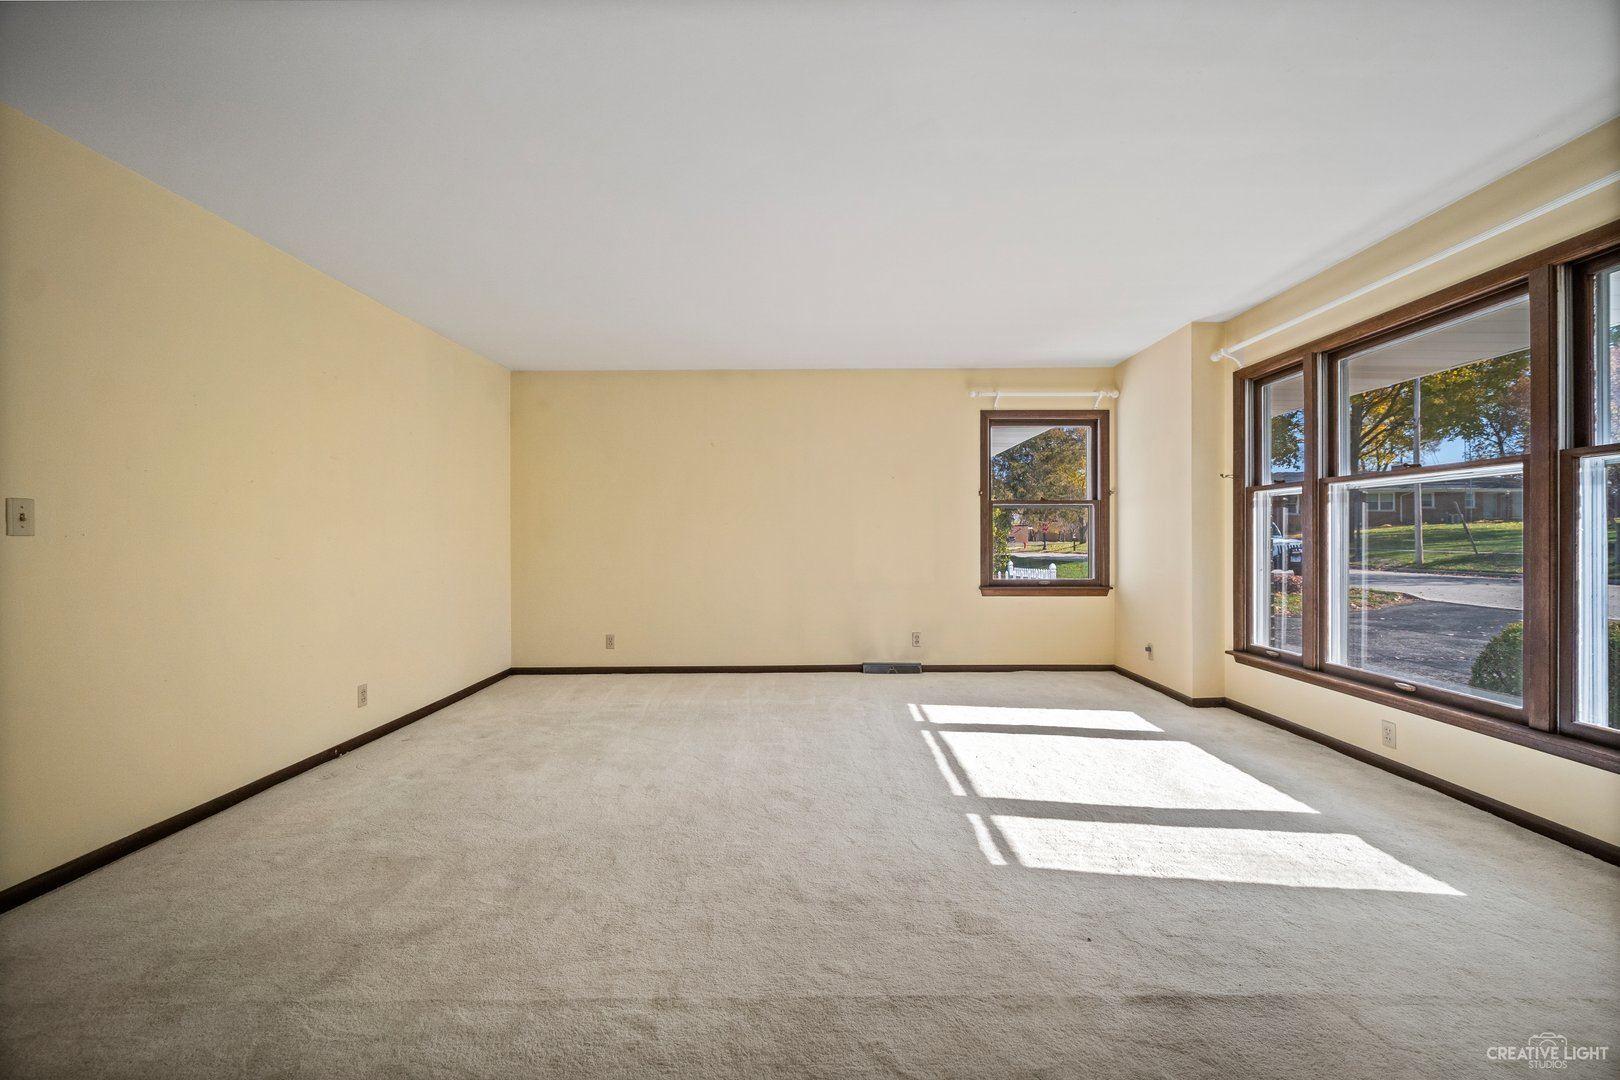 Photo of 204 E Jefferson Street, Oswego, IL 60543 (MLS # 10926811)